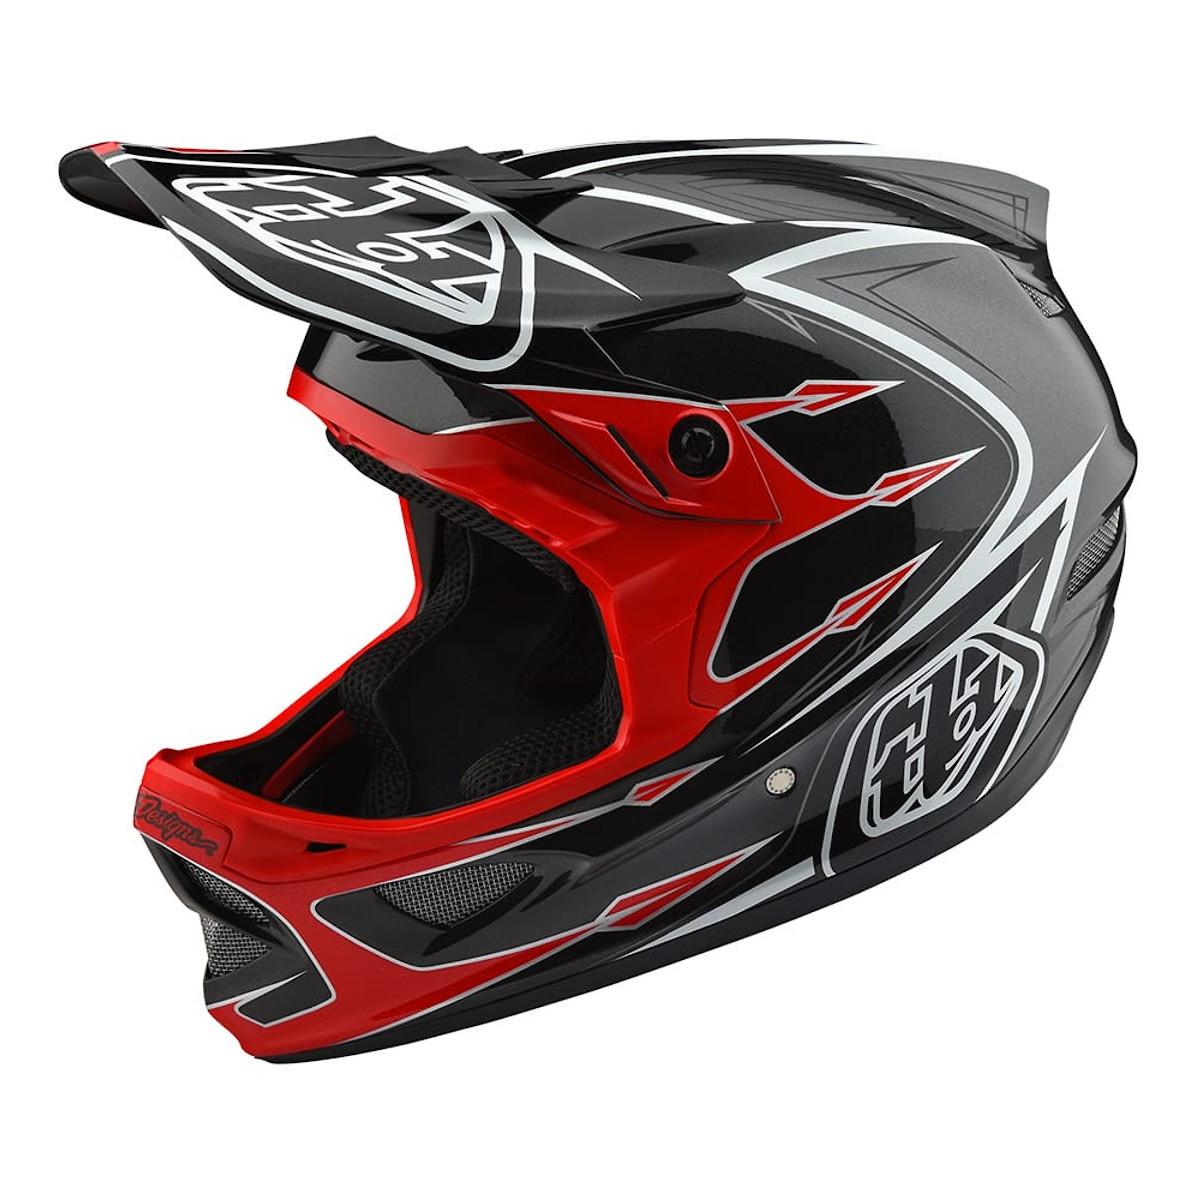 Troy Lee Designs Helmet >> Troy Lee Designs D3 Composite Helmet - Reviews, Comparisons, Specs - Mountain Bike Full Face ...